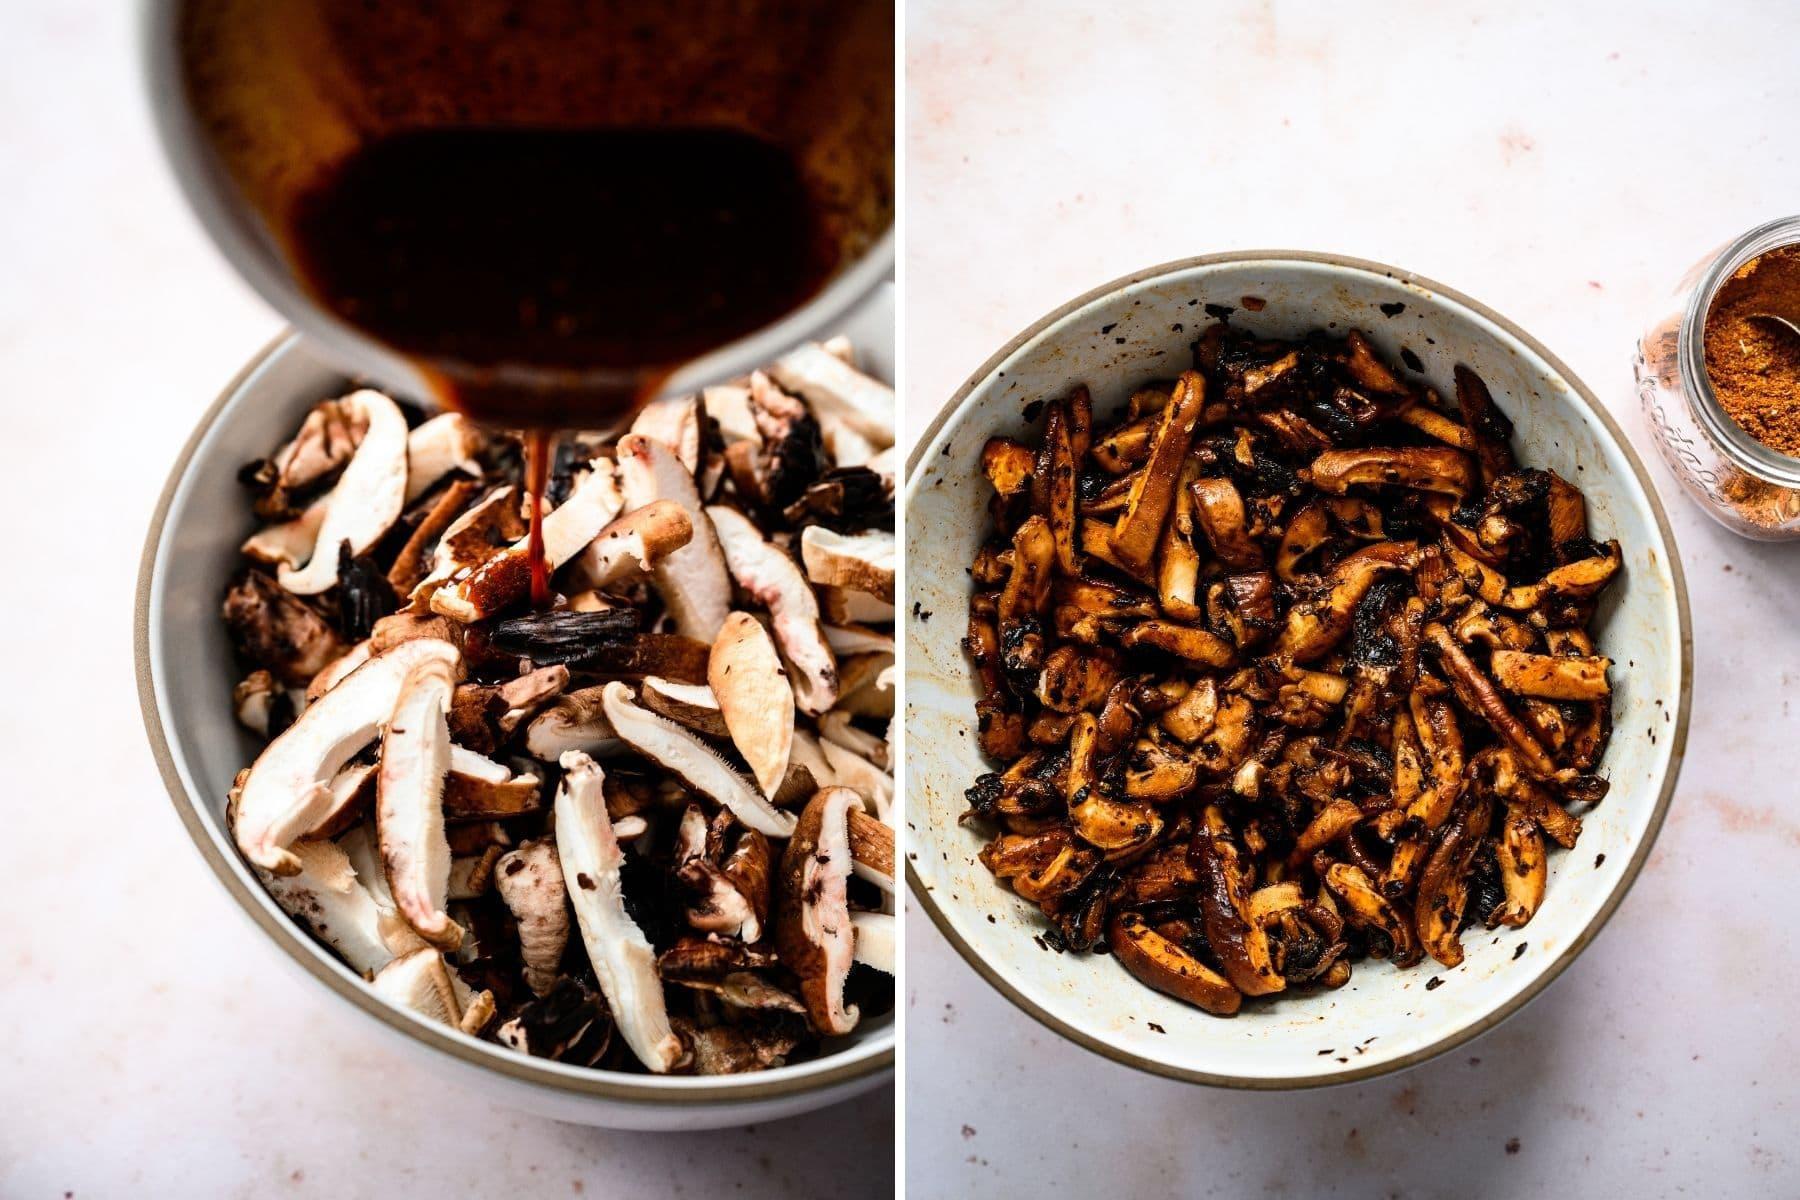 before and after marinating mushrooms in homemade shawarma marinade.